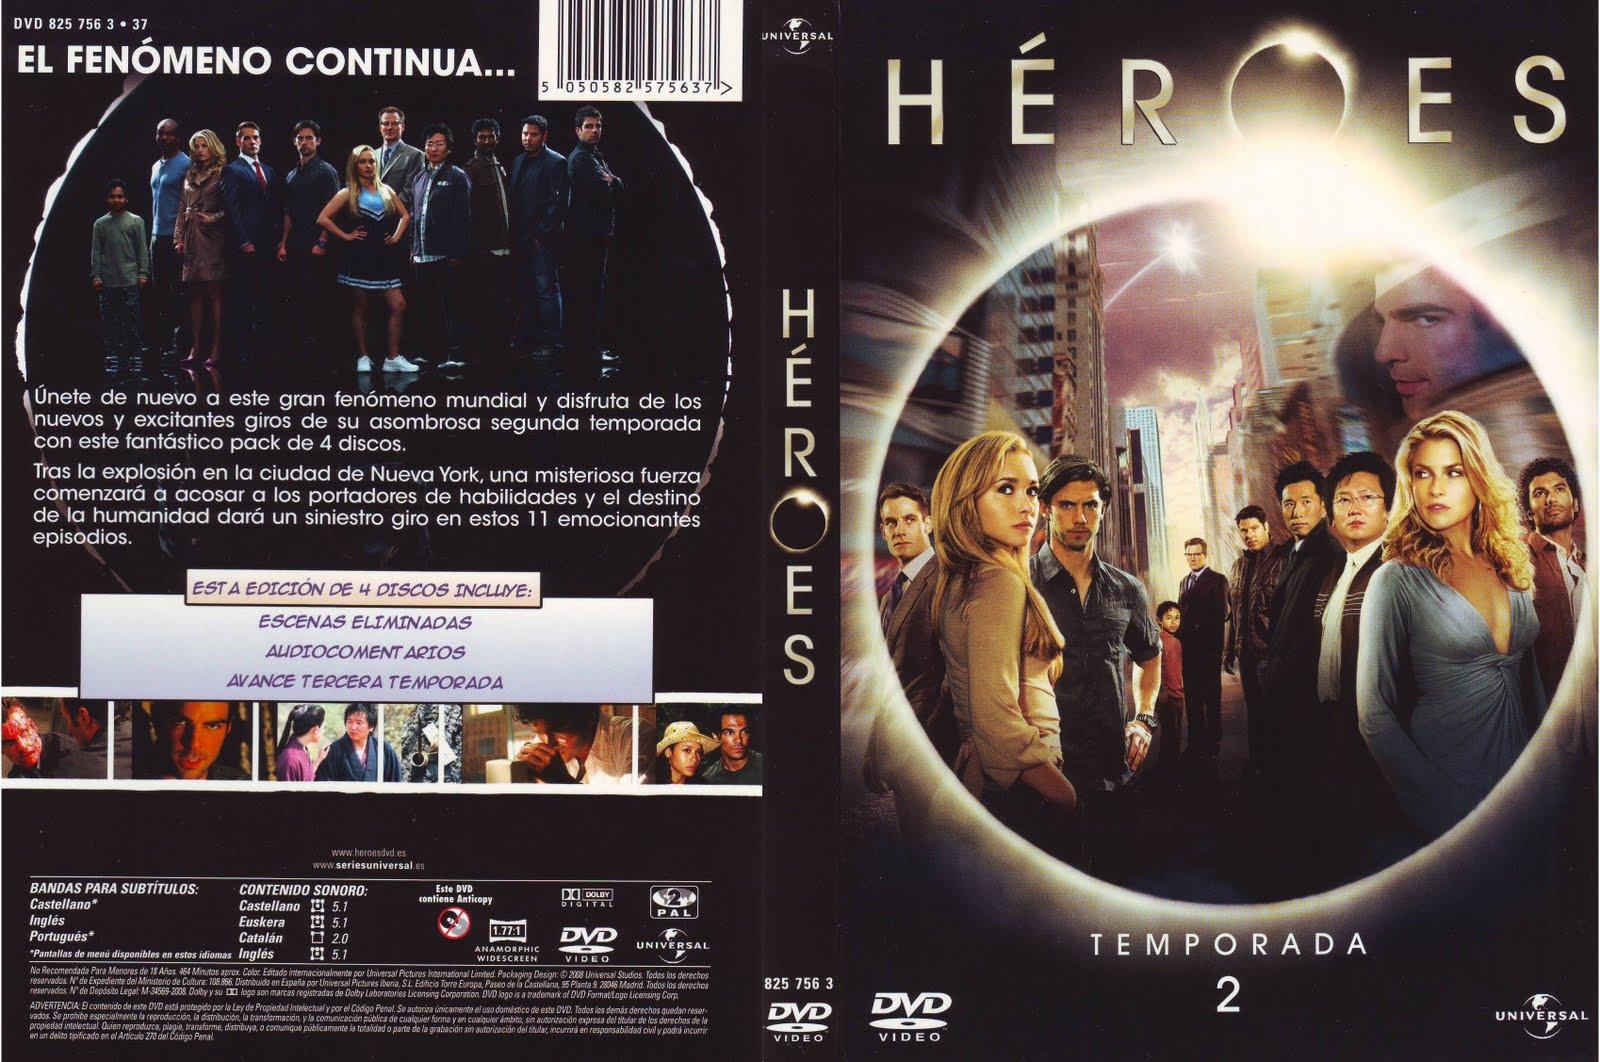 http://3.bp.blogspot.com/-iCR0MLvIdNU/T8JFFU5o1UI/AAAAAAAAATU/CEhAFBllqxQ/s1600/Heroes+Temporada+02.jpg